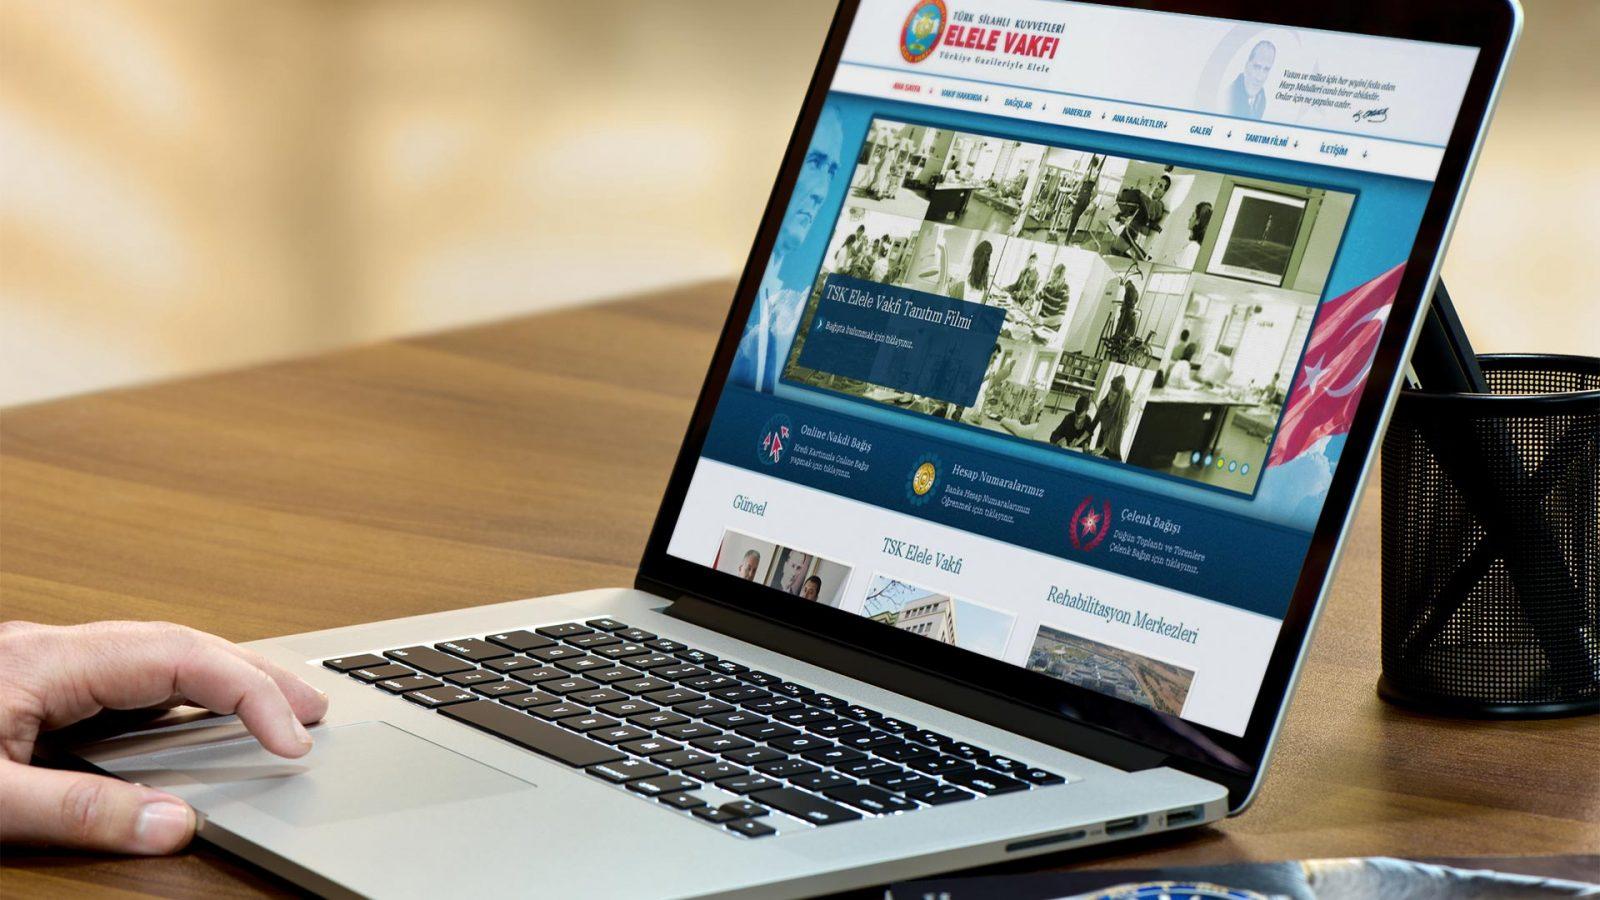 elele vakfı web sitesi tasarımı 01